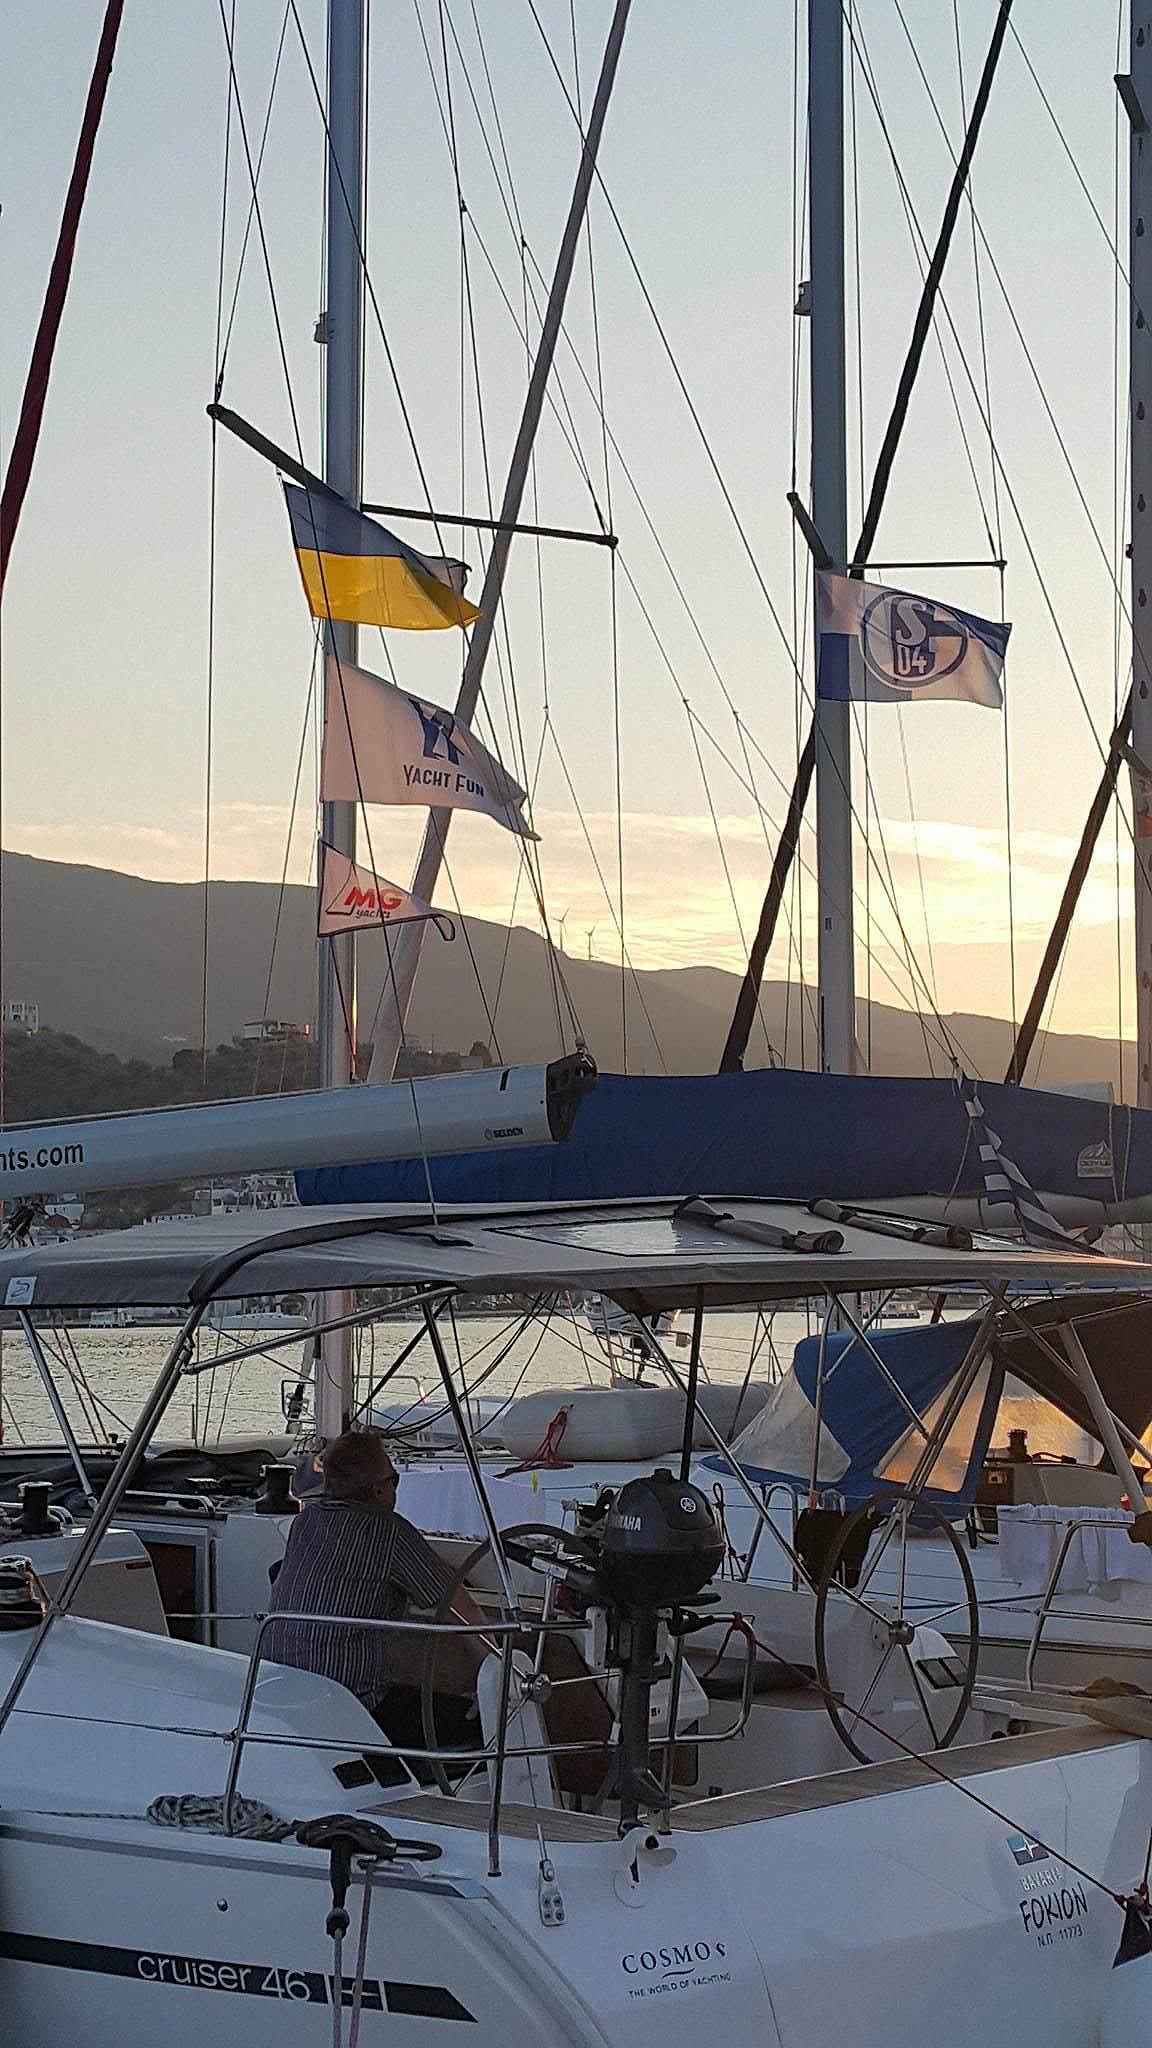 YachtFun Greece Saronic Islands (8)